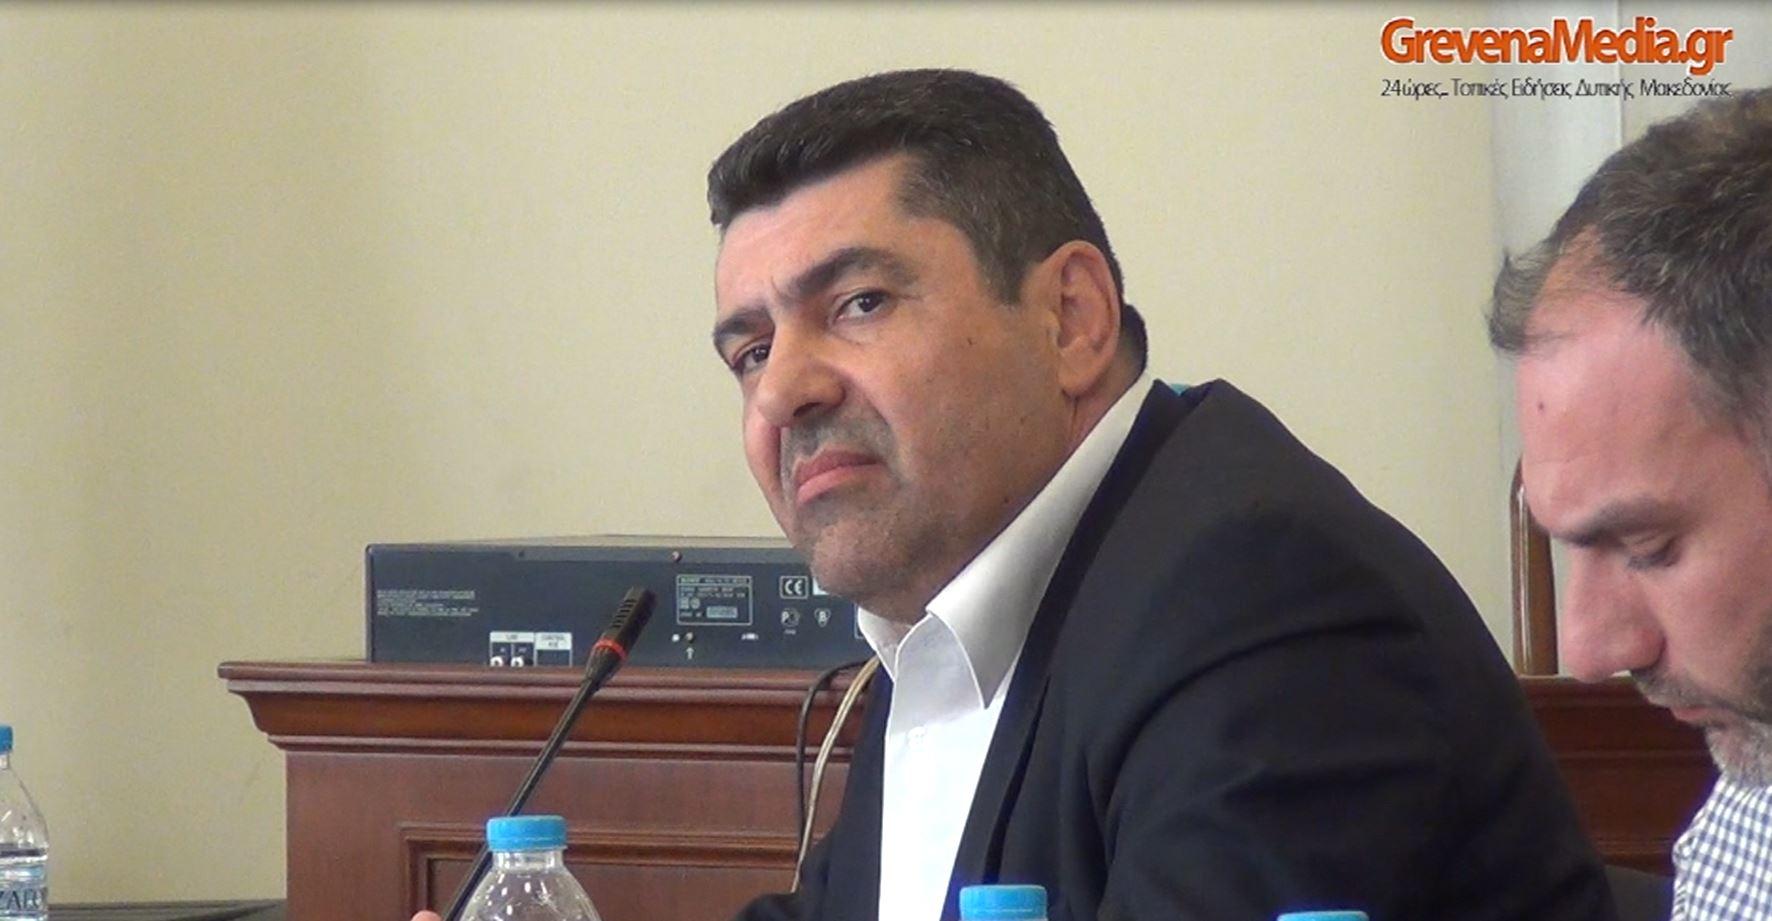 """Δ.Κουπτσίδης προς Γ.Δασταμάνη: """"Διέγραψες πέντε συμβούλους και έχεις την ευθύνη για την μη κανονική λειτουργία του δημοτικού συμβουλίου"""""""